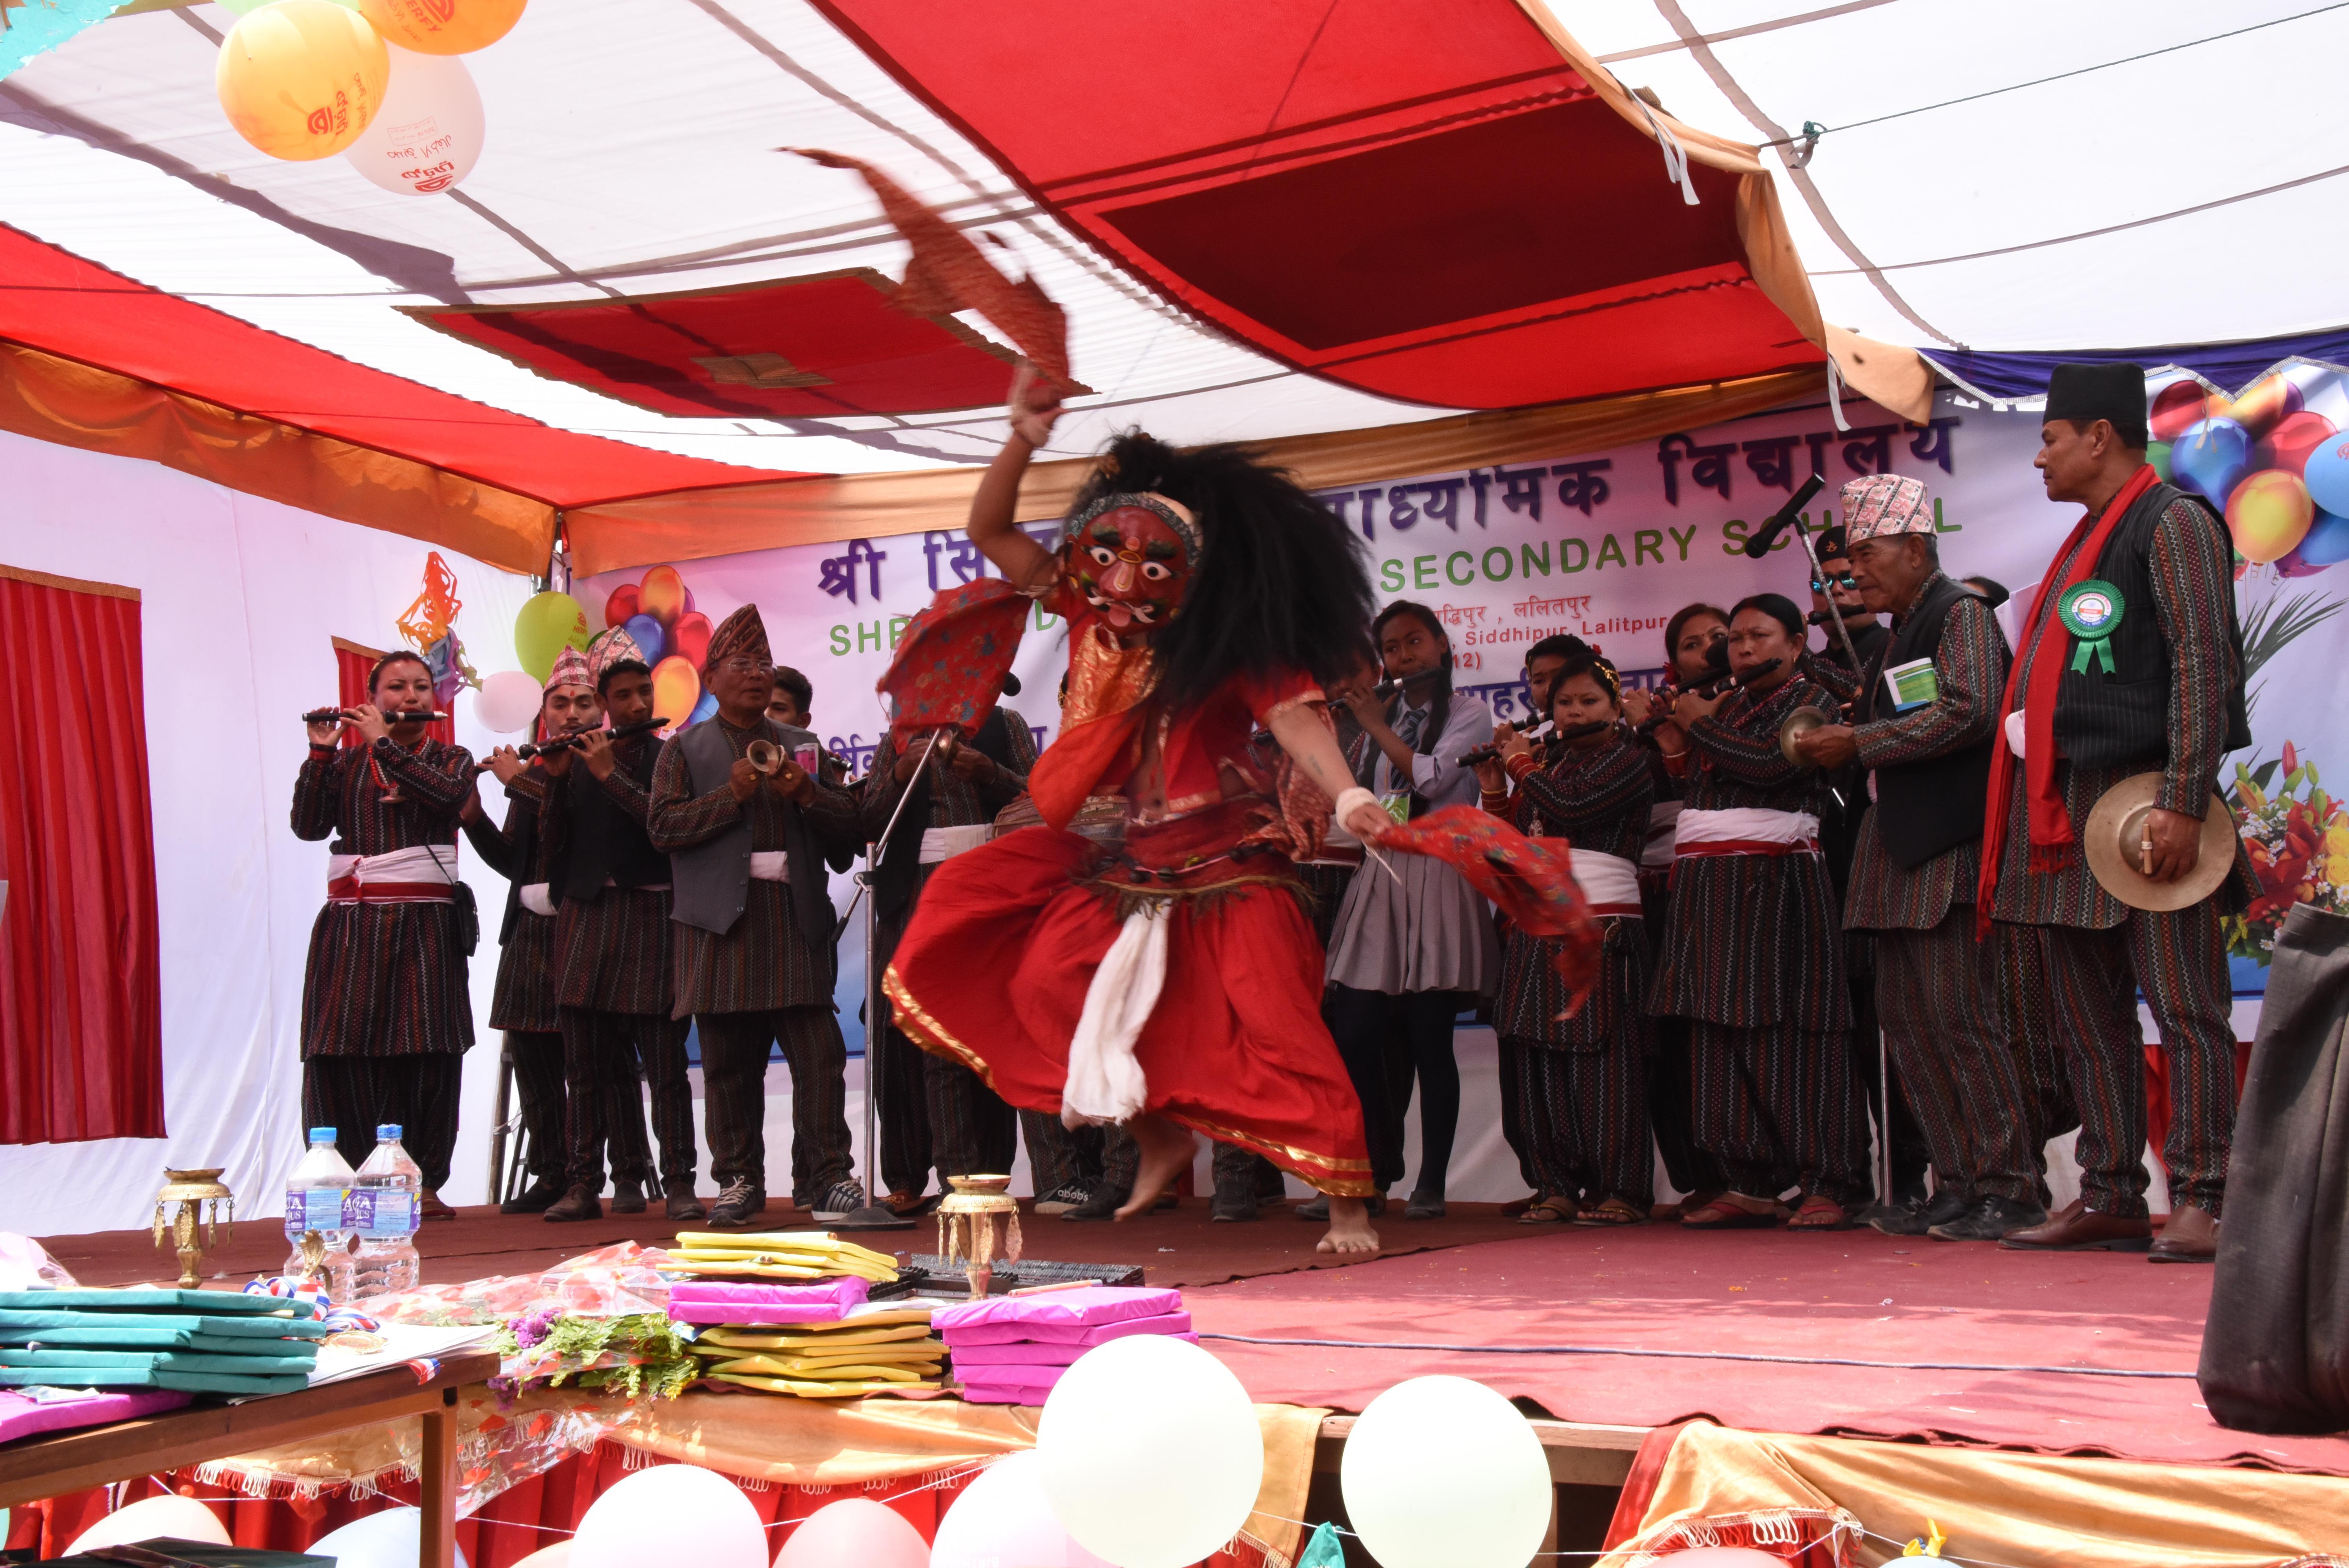 Une grande fête a été organisée pour l'inauguration de l'école, qui accueille désormais plus de 500 élèves de 6 à 15 ans.